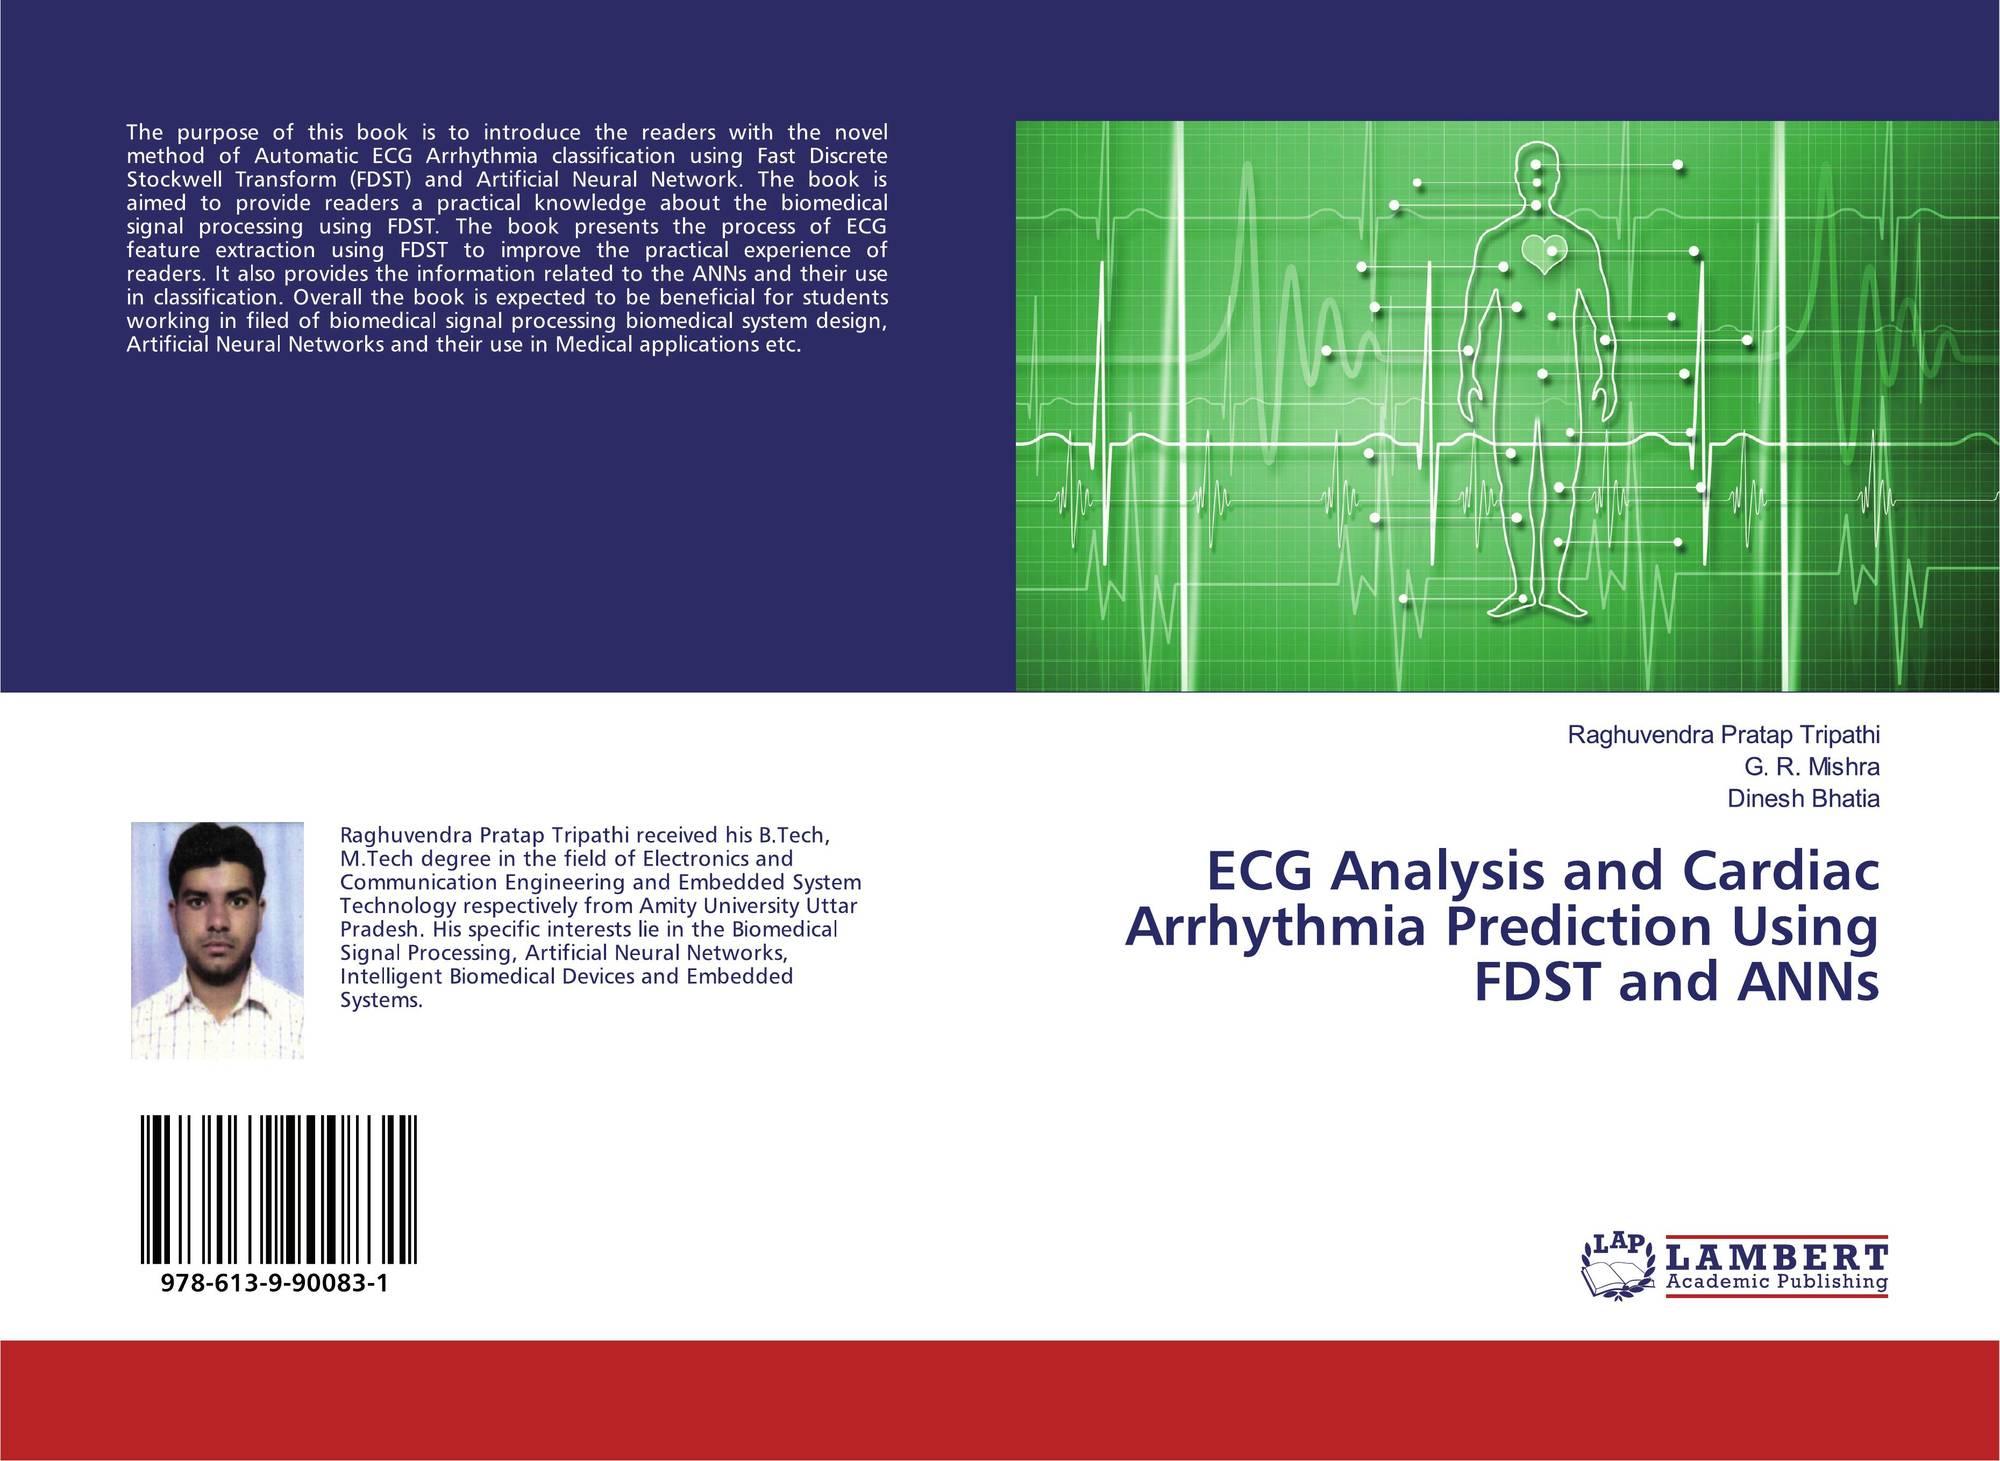 ECG ANALYSIS AND CARDIAC ARRHYTHMIA PREDICTION USING FDST